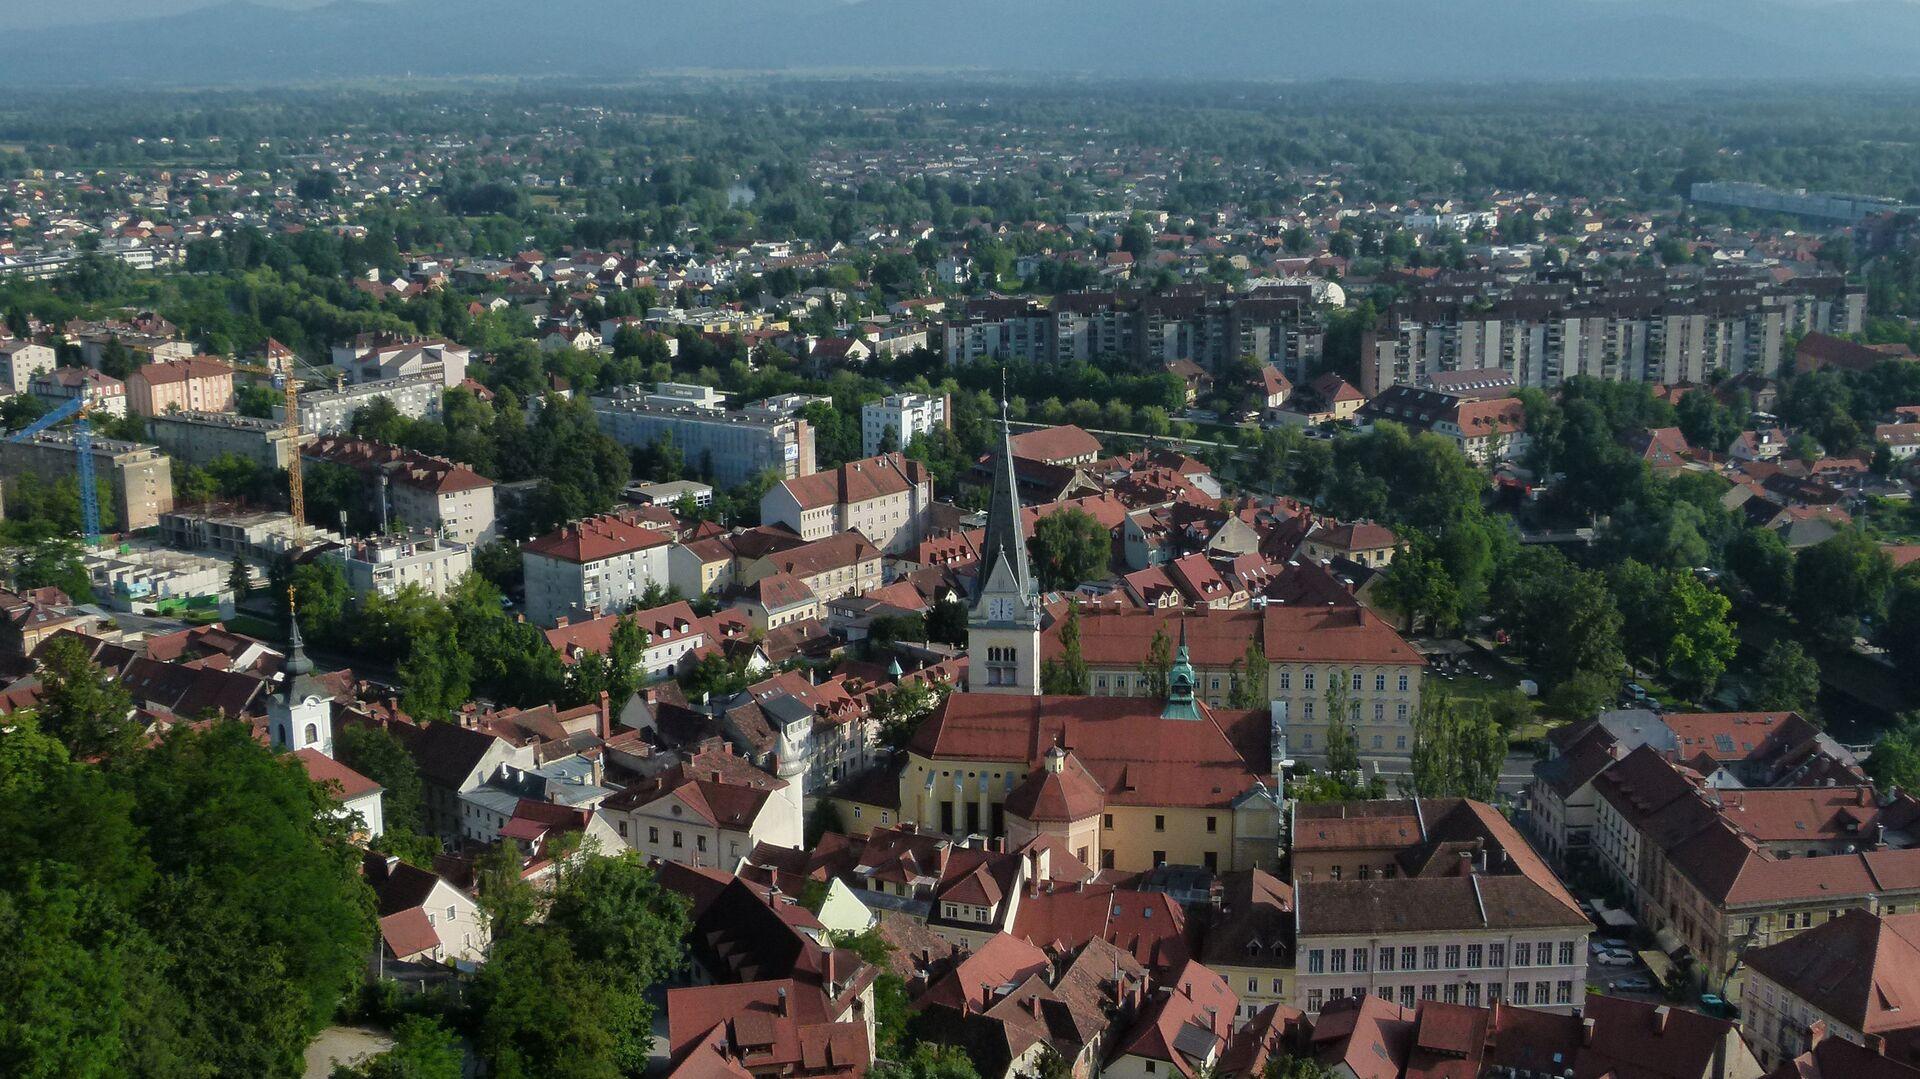 Города мира. Любляна - РИА Новости, 1920, 07.05.2021